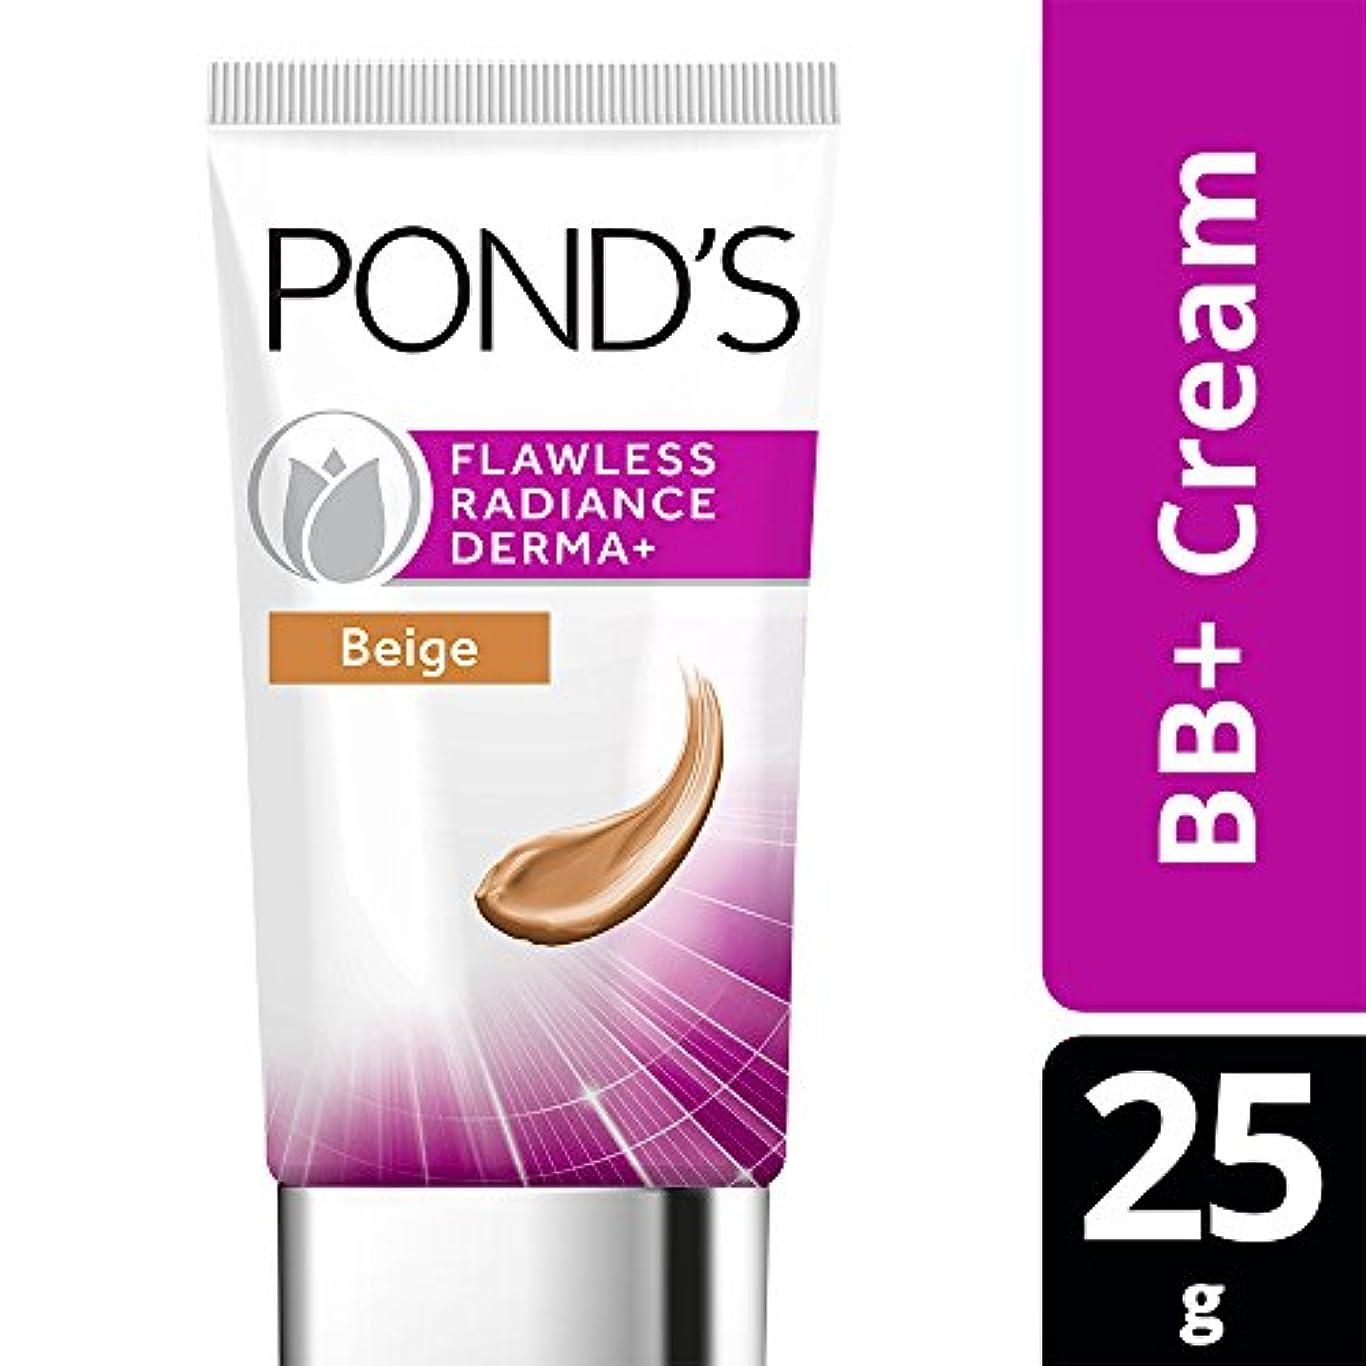 嫌悪敵対的ラリーPOND'S Flawless Radiance Derma+ BB Cream Beige, 25g